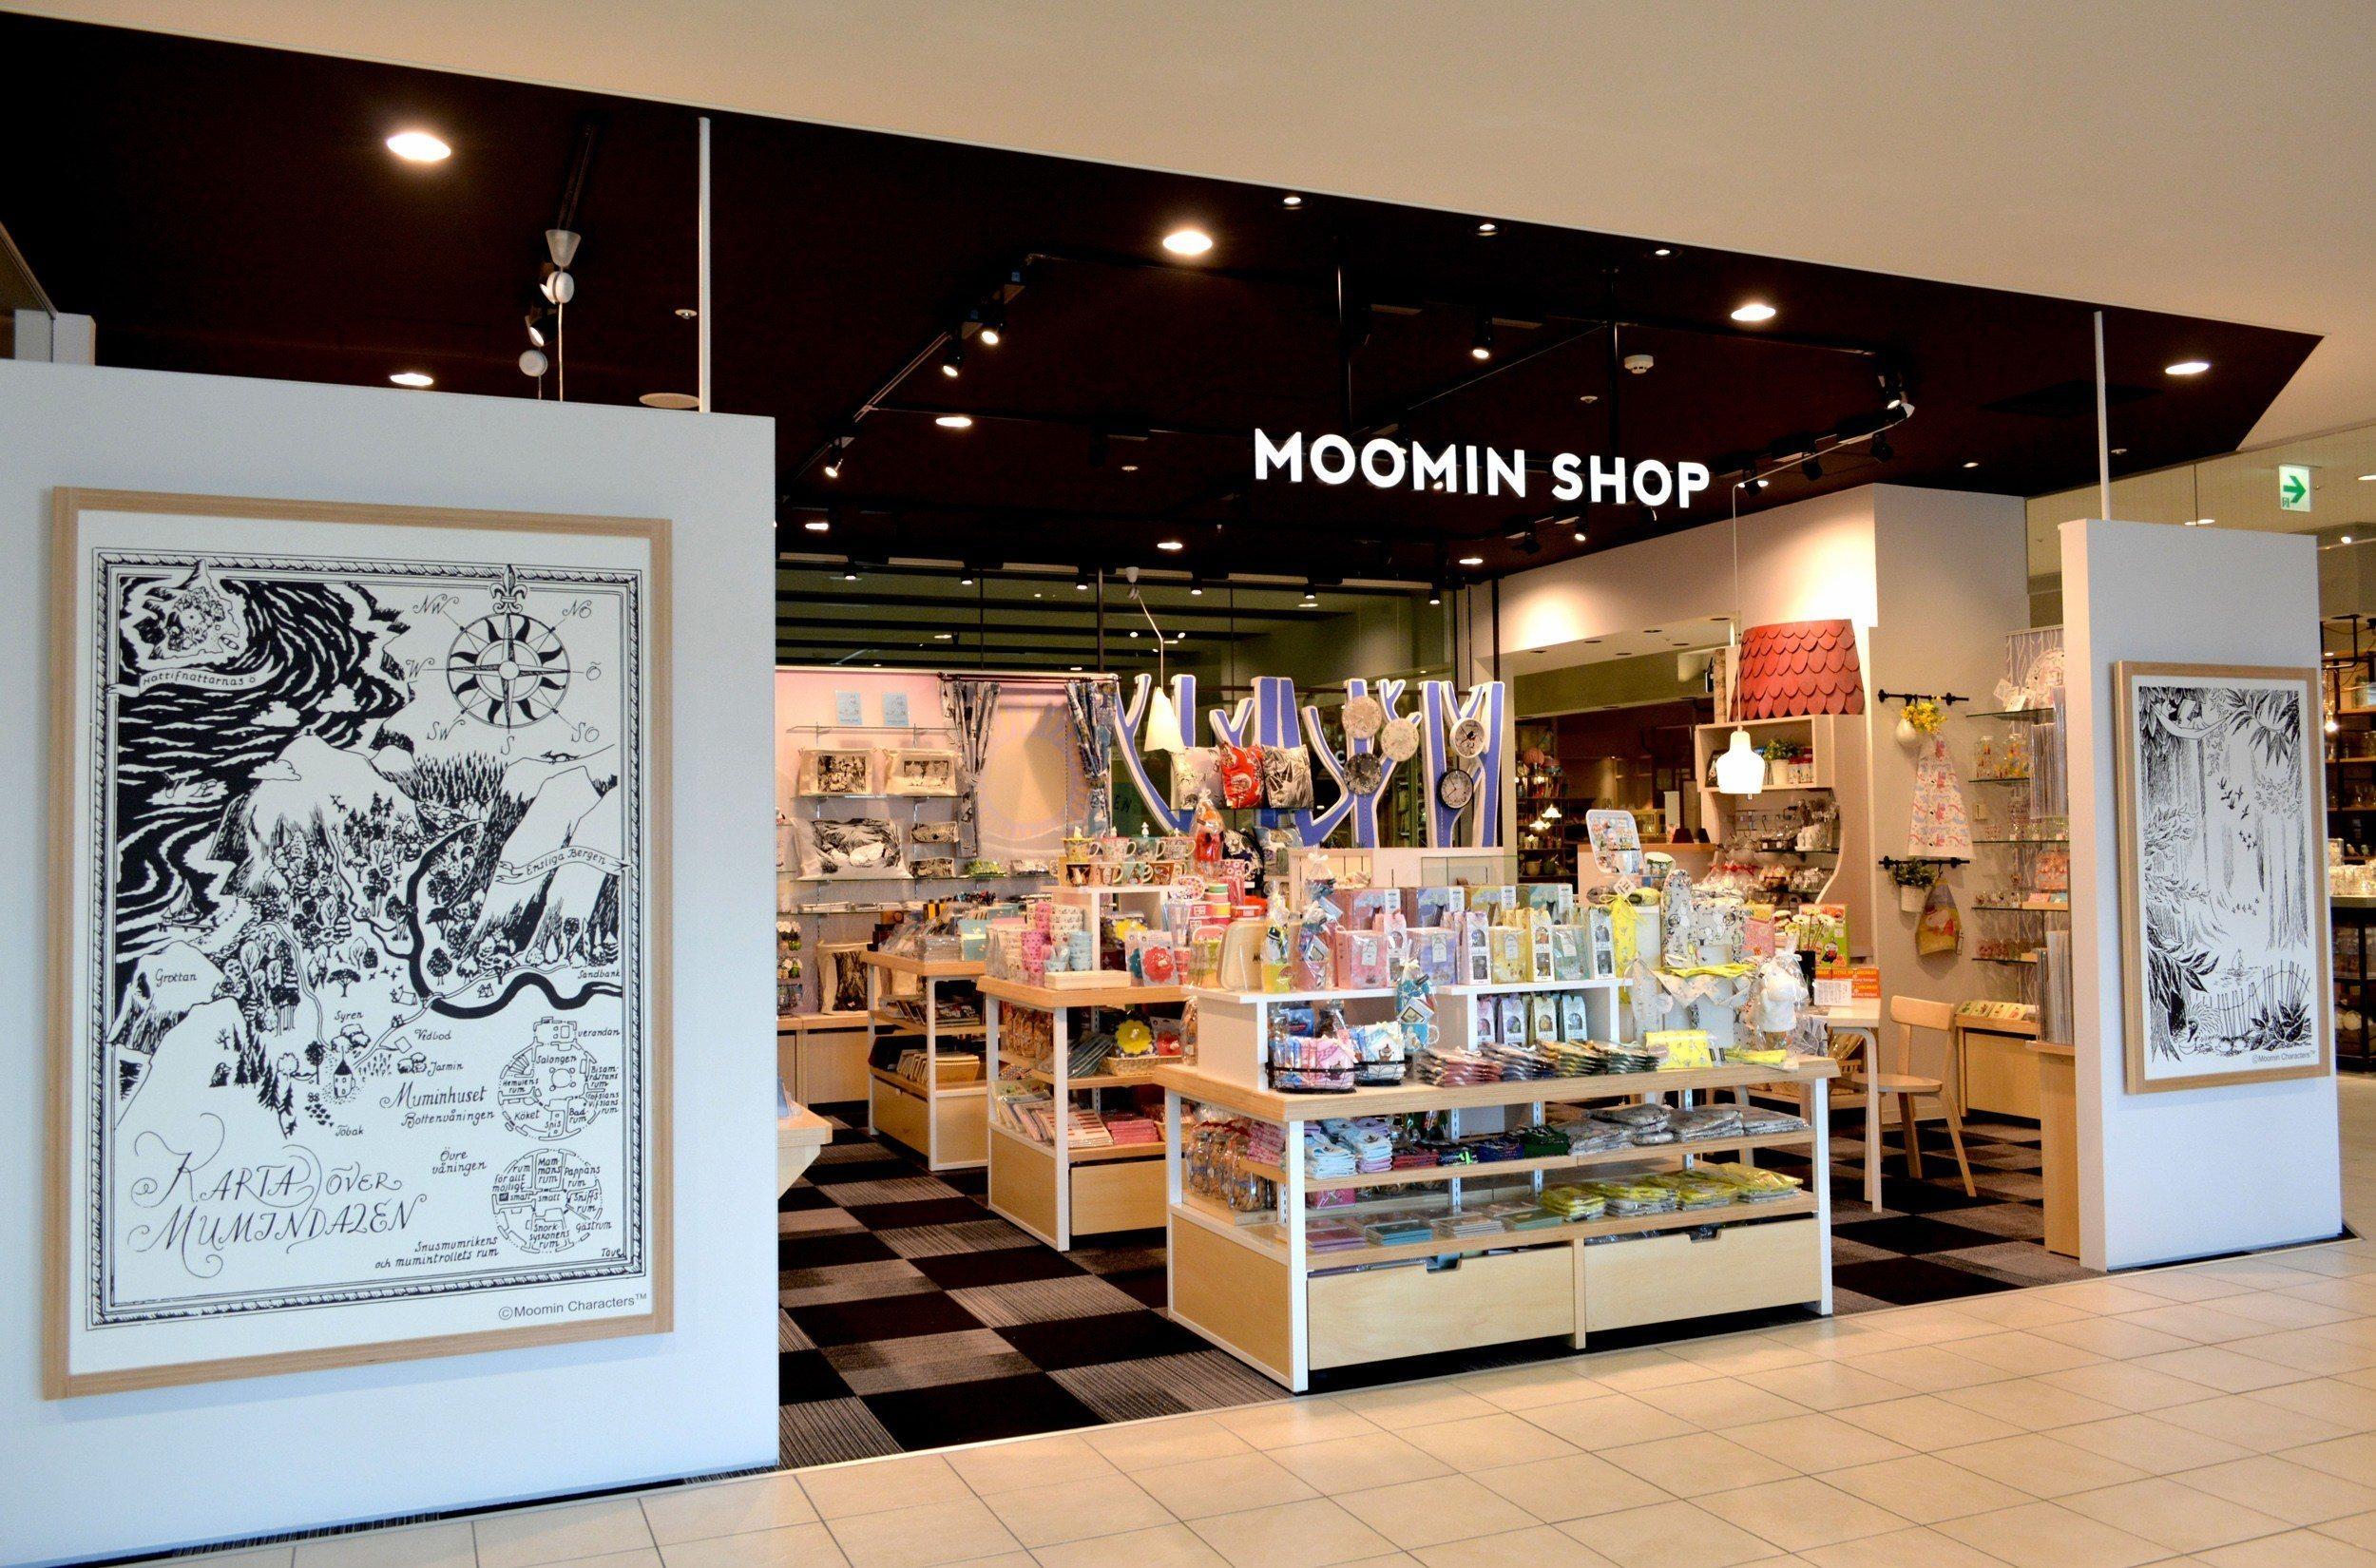 MOOMIN-SHOP-Nagoya-LACHIC_2